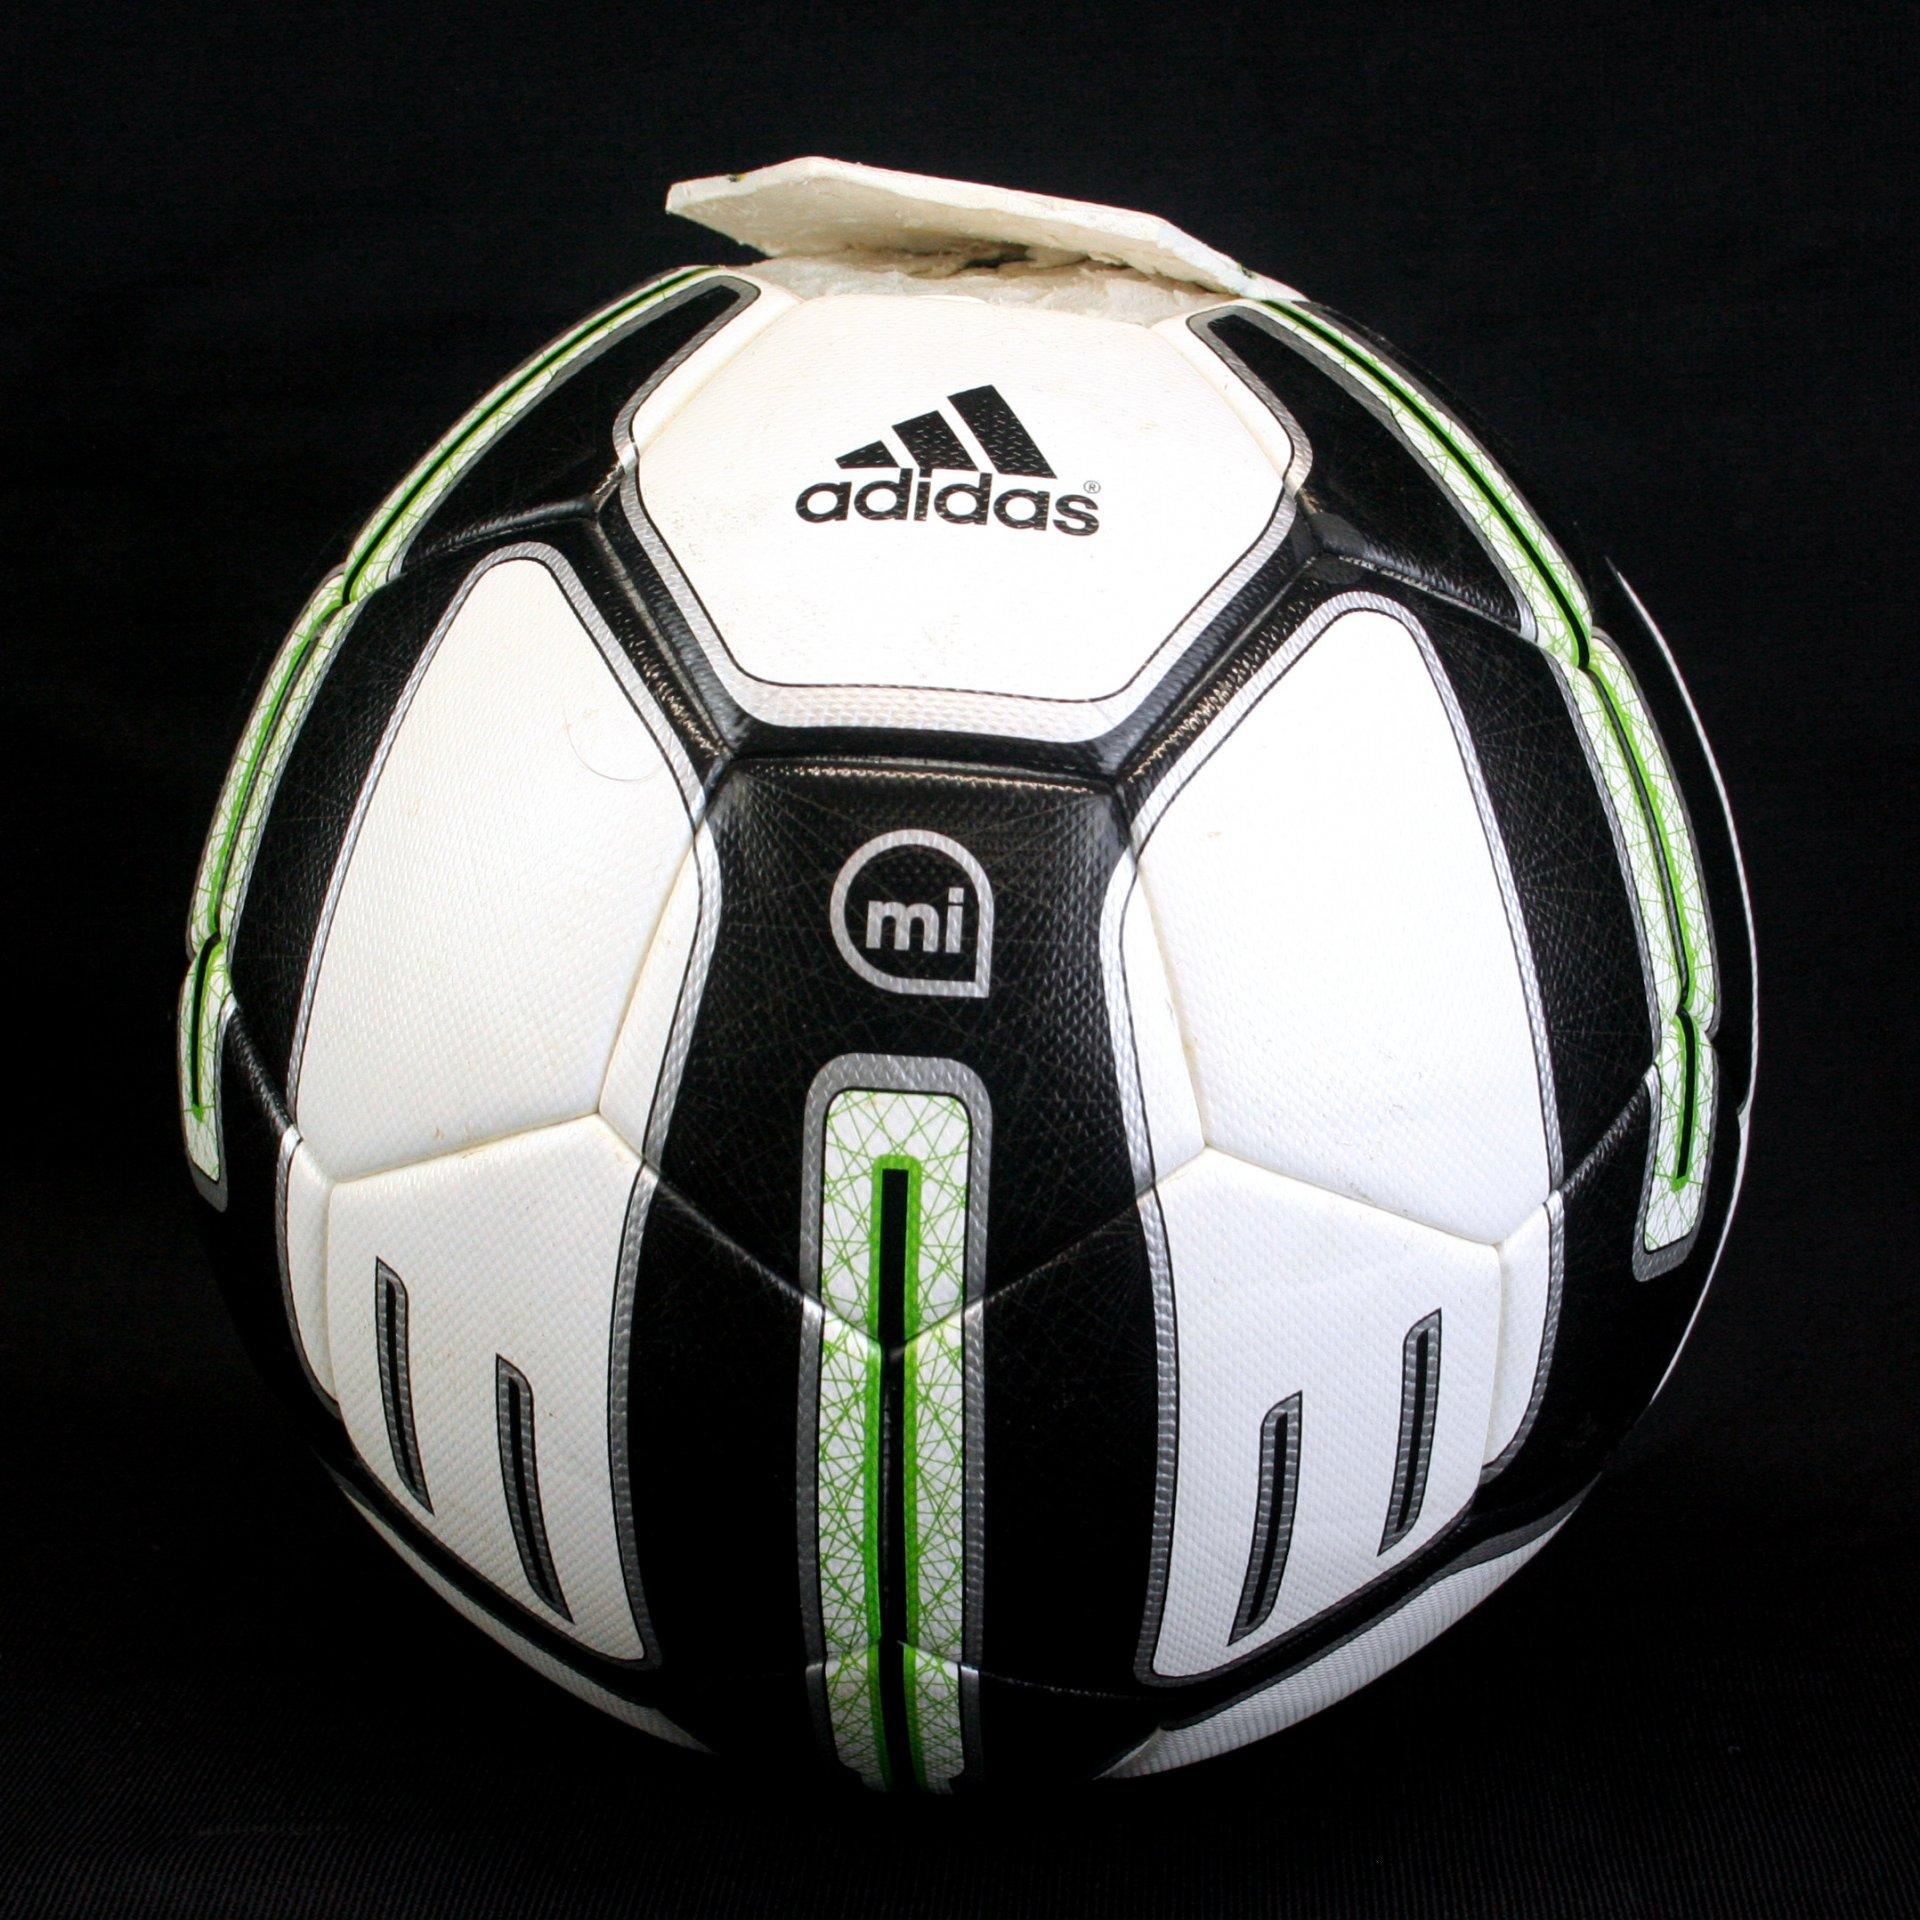 Adidas miCoach Smart Ball von innen